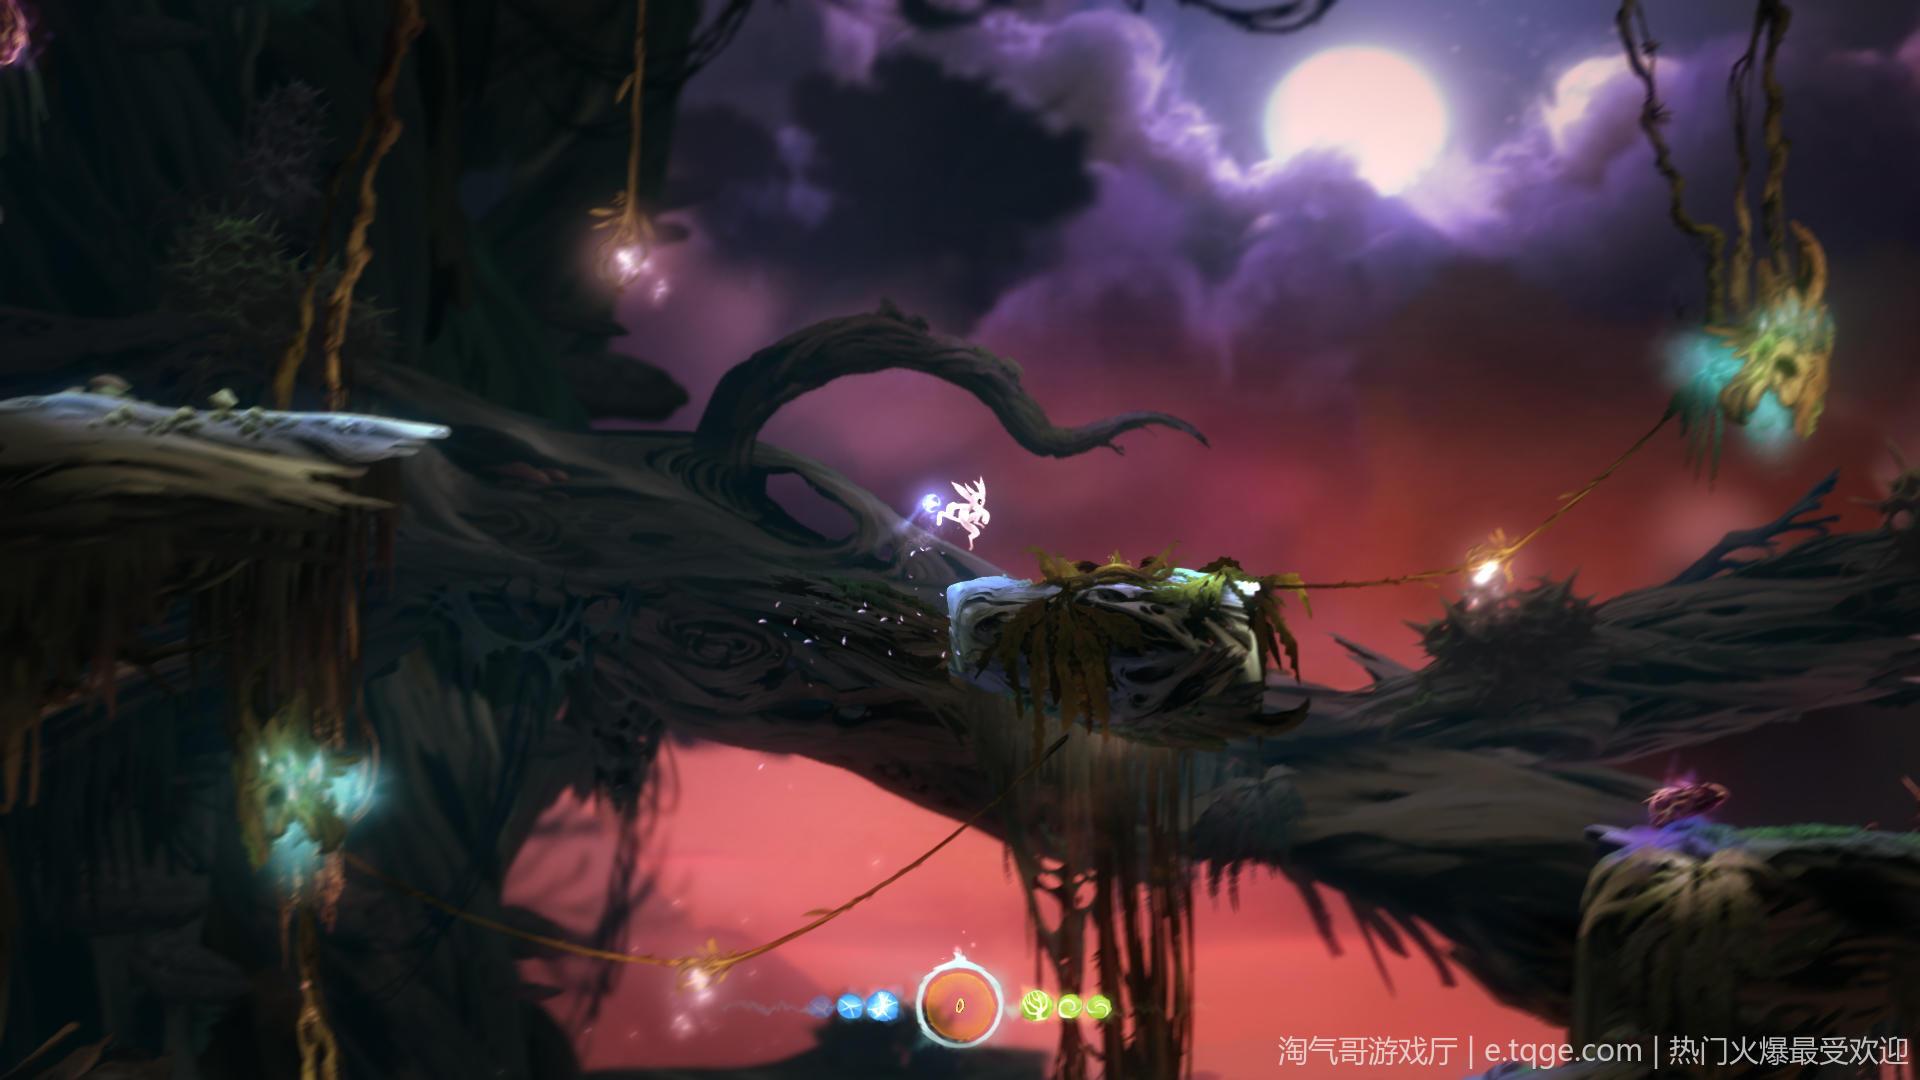 奥日与黑暗森林:终极版/精灵与黑暗森林 动作冒险 第9张